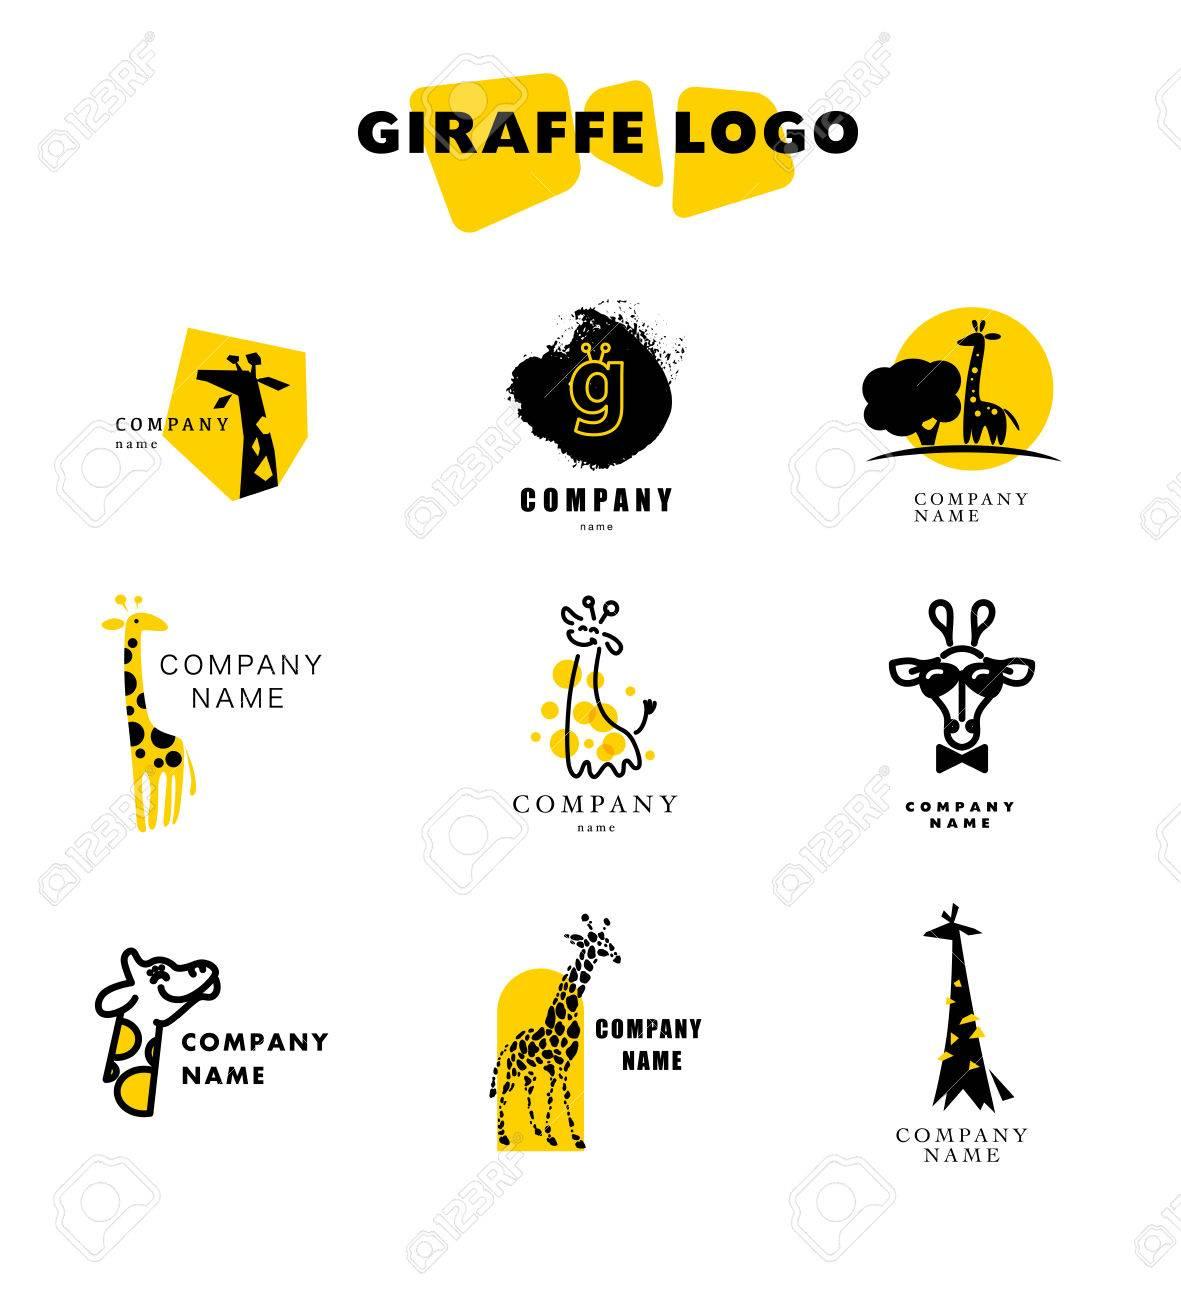 ベクトル キリンのロゴ イラスト。野生動物のロゴ。キリン アイコン